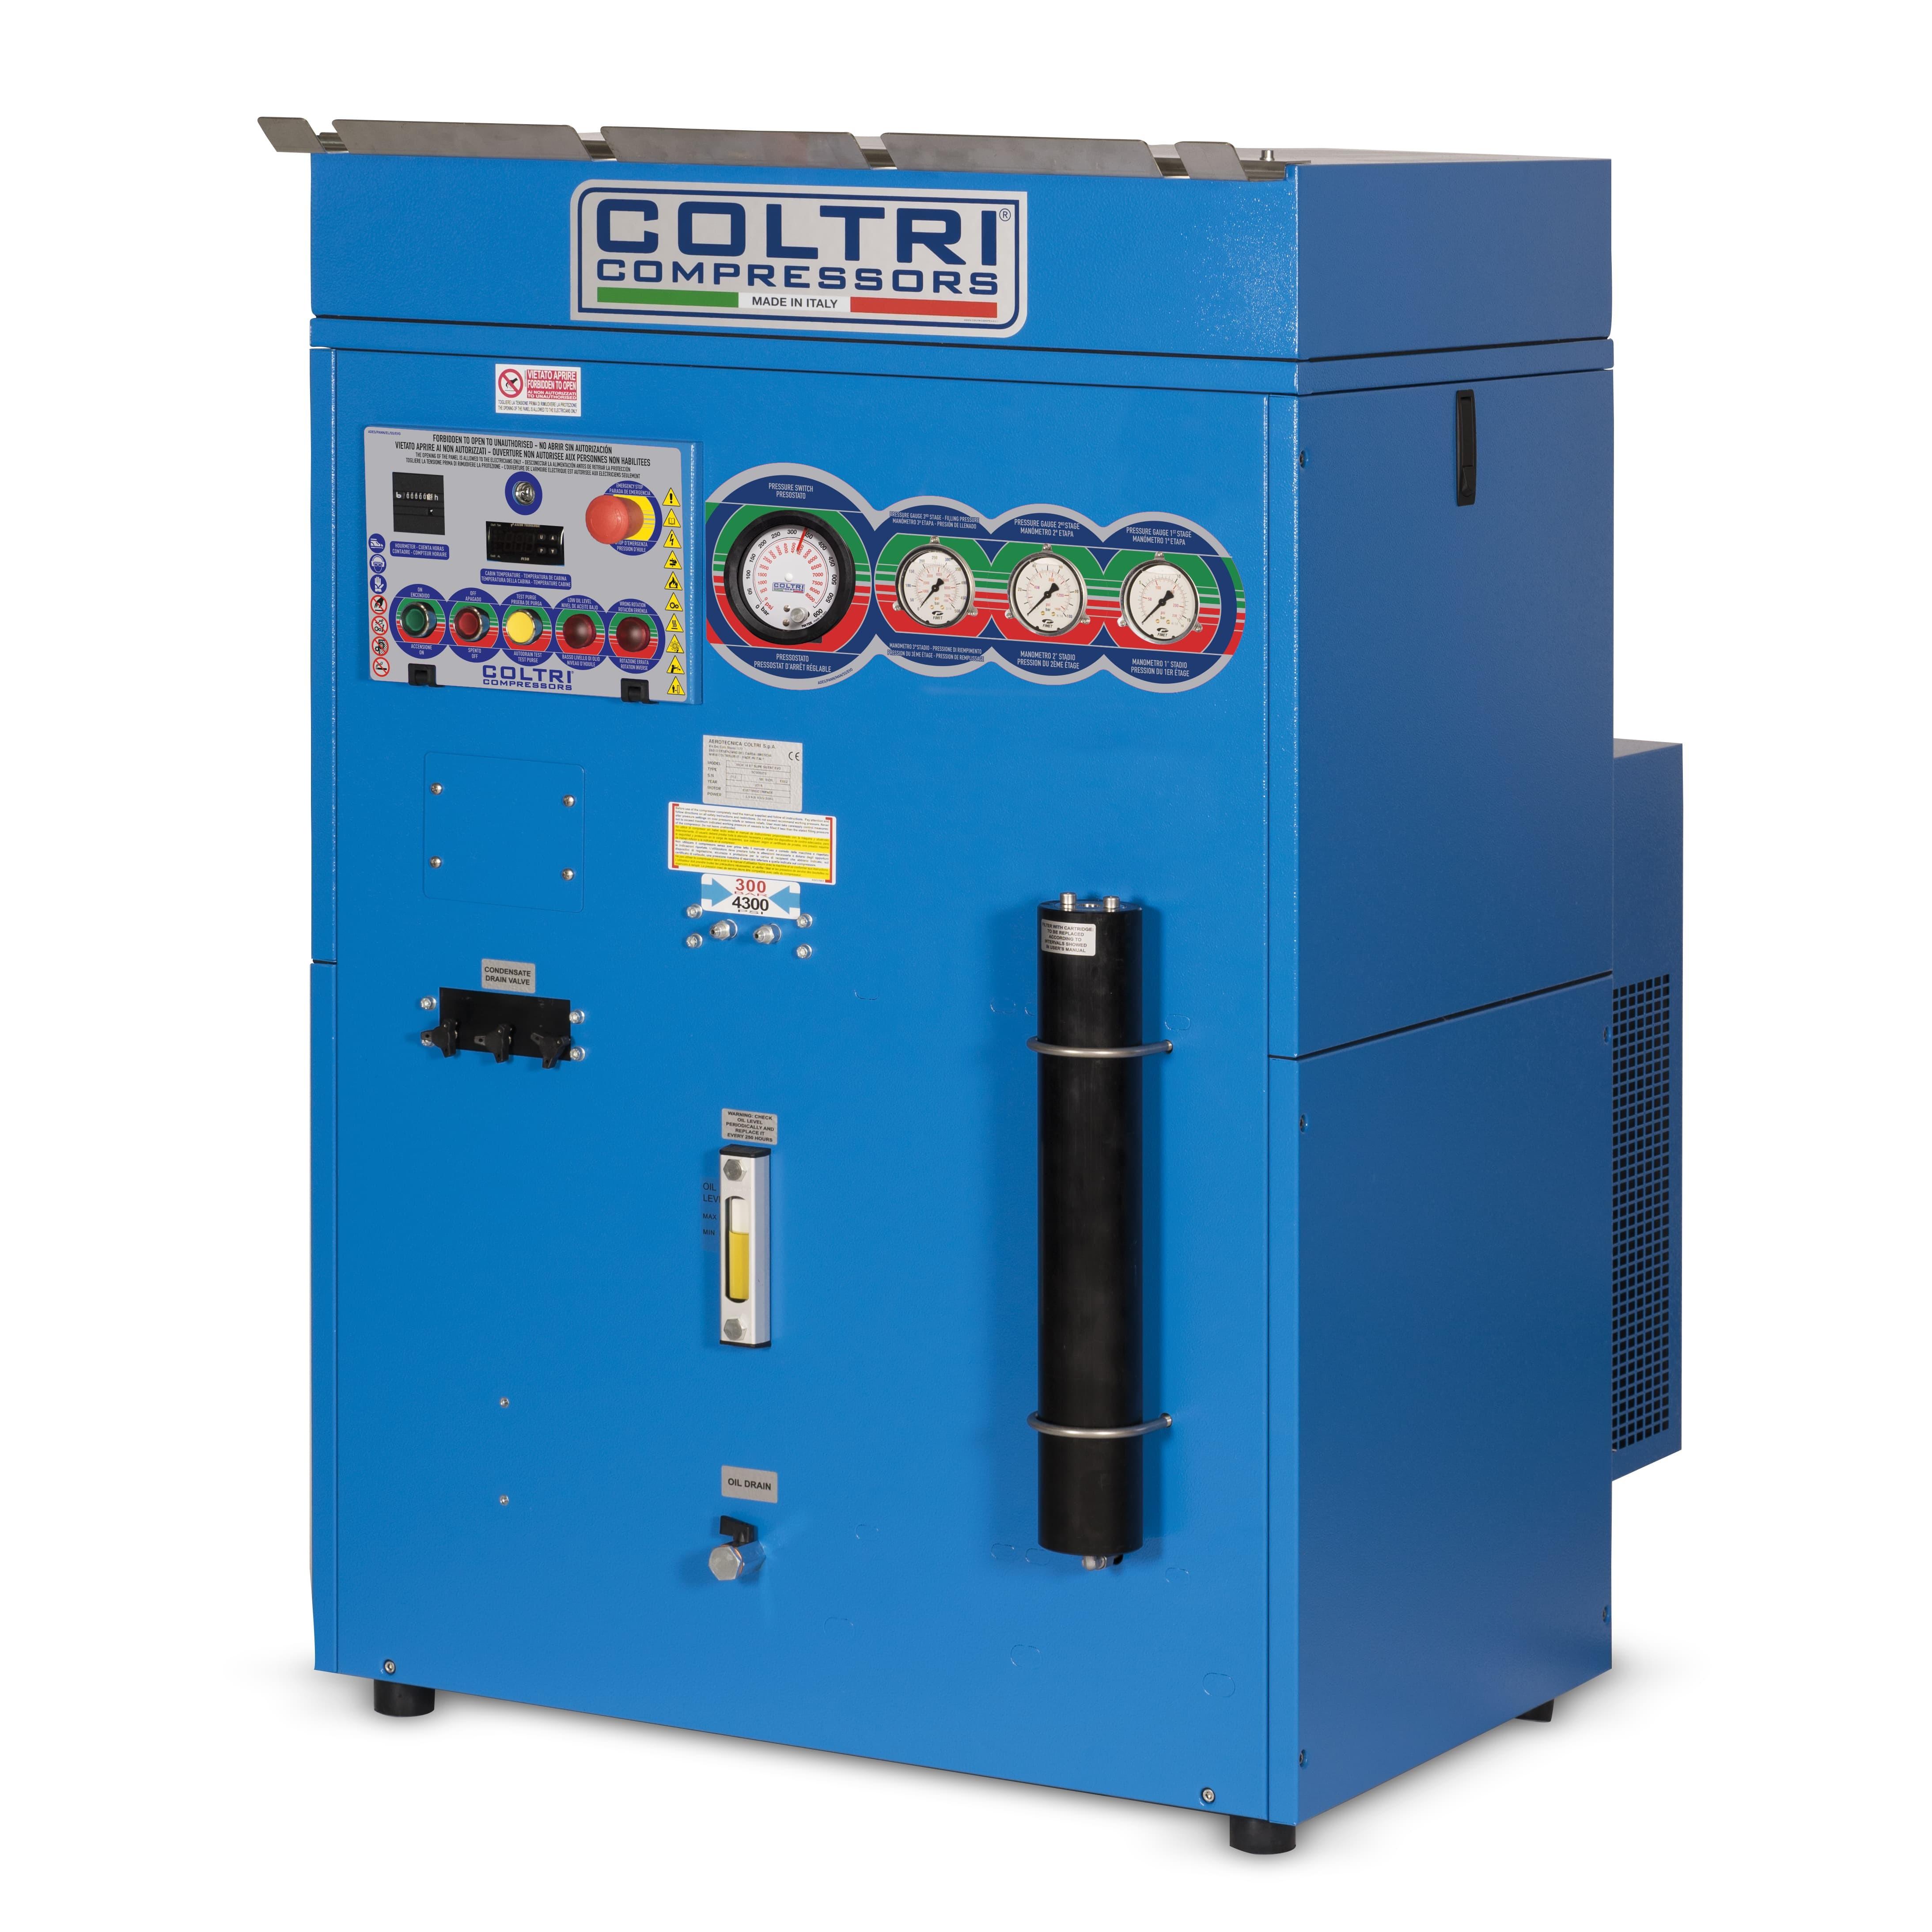 Coltri MCH 13/16/18 Super Silent Evo Compressor